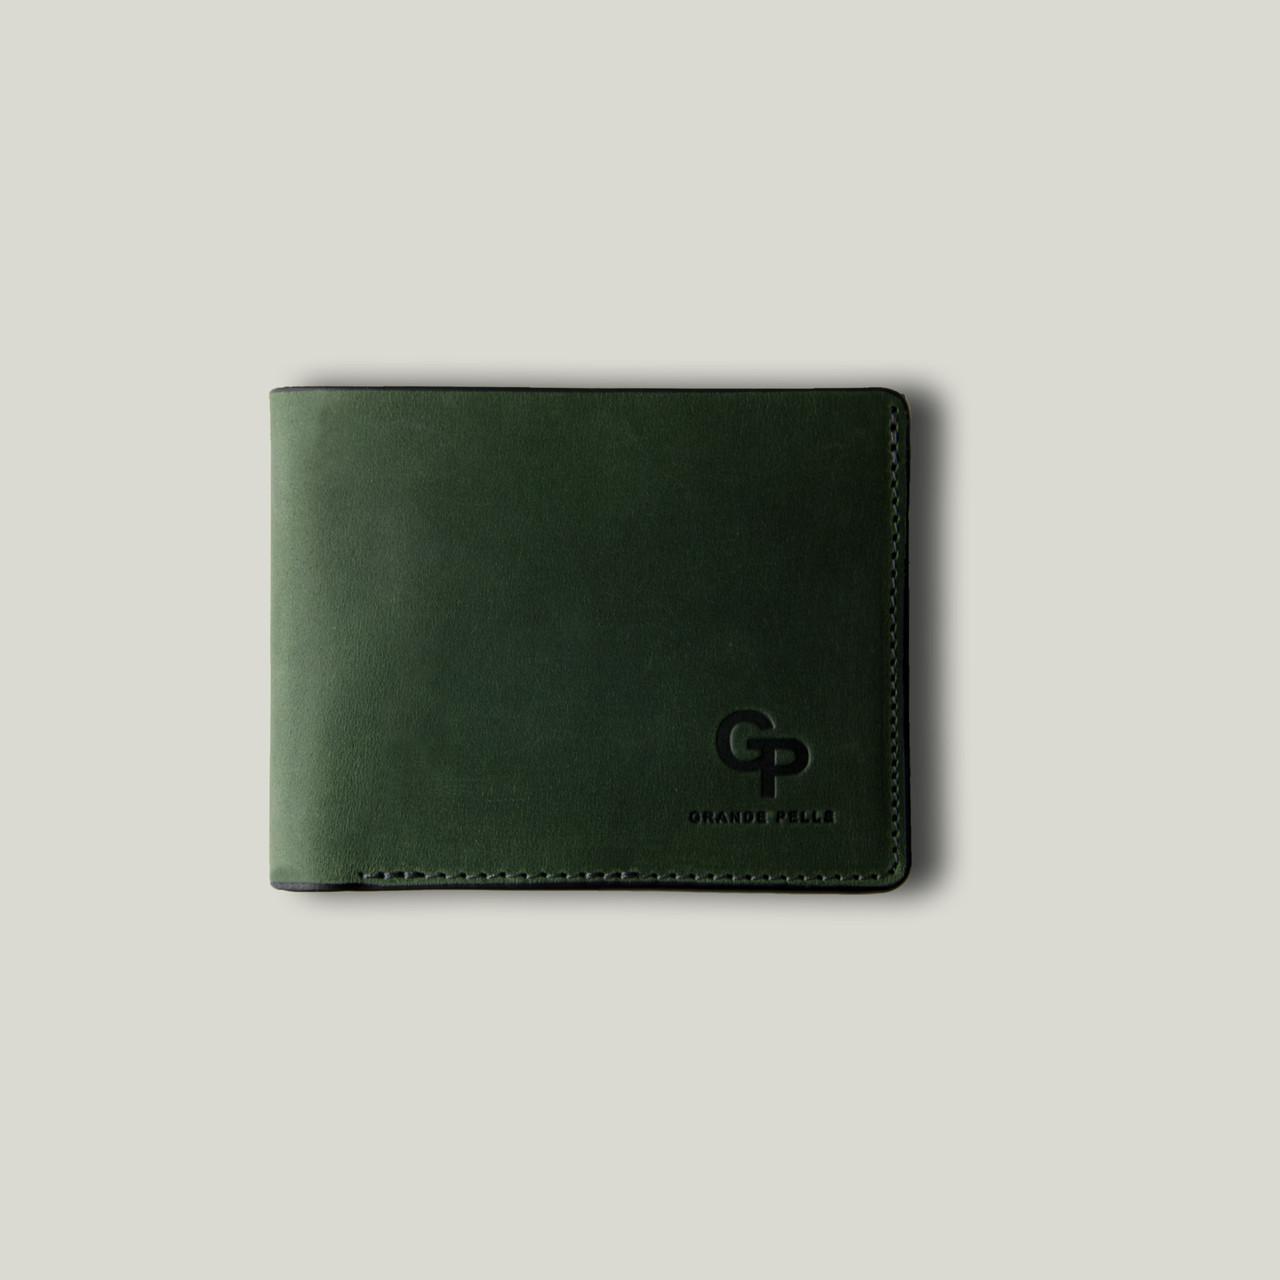 Портмоне Магнит, матовый зеленый